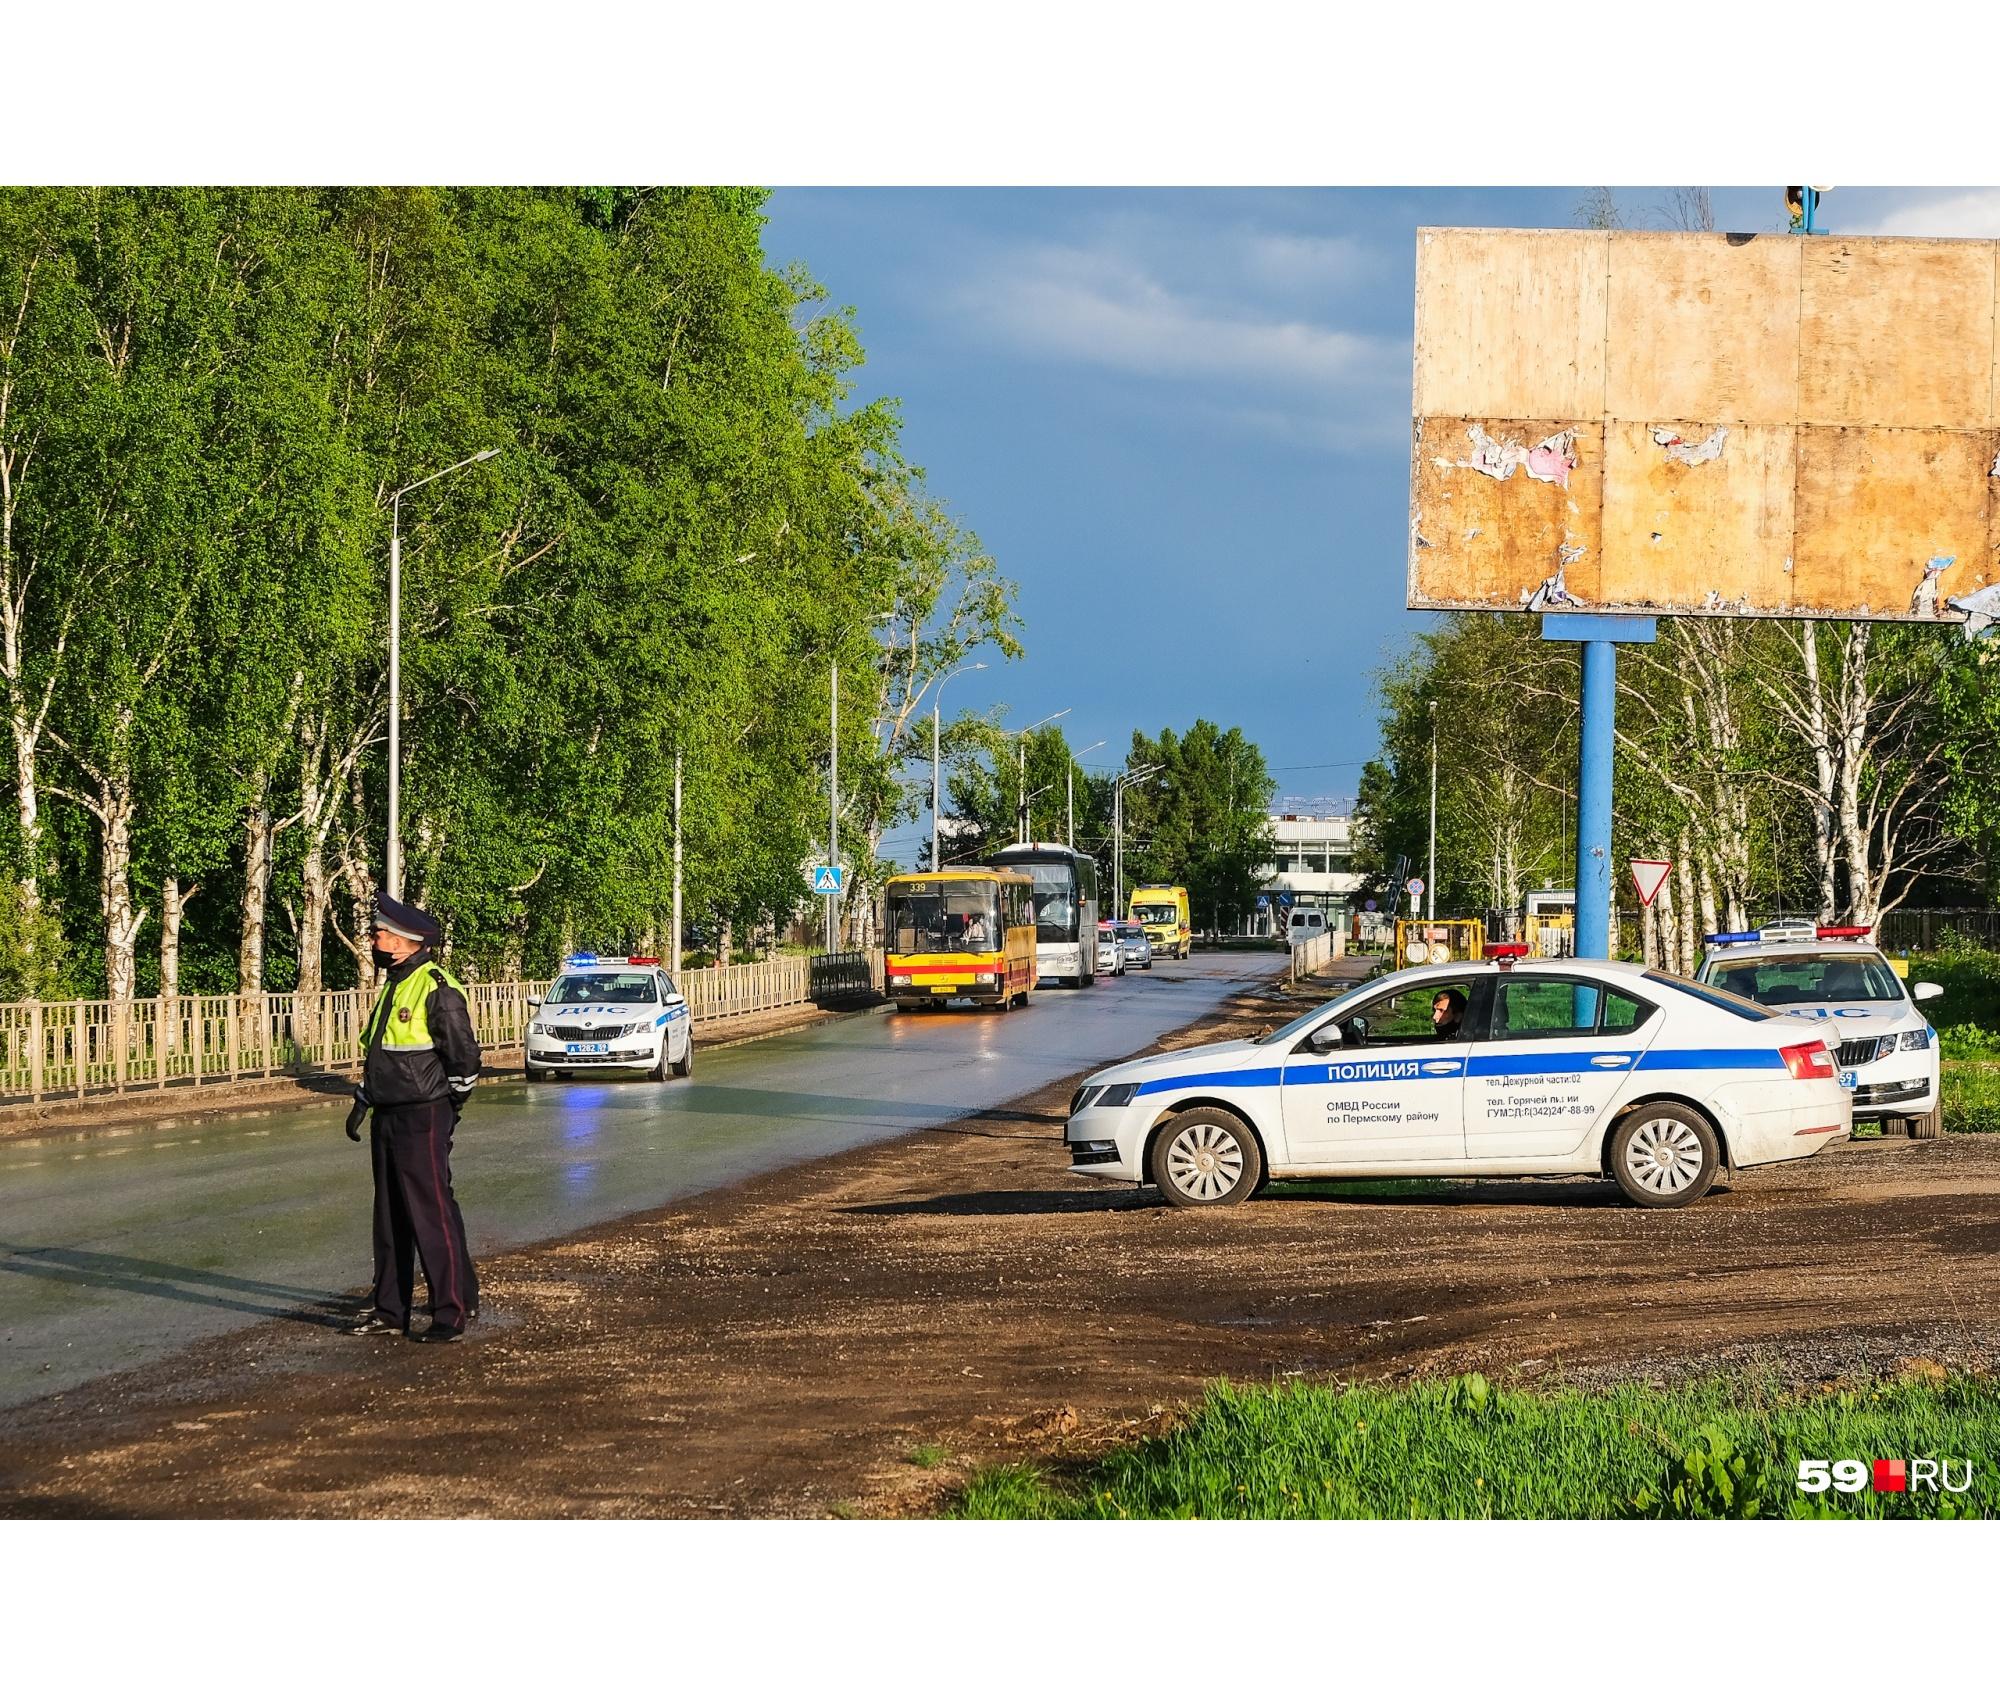 На выезде из аэропорта движение регулируют автоинспекторы